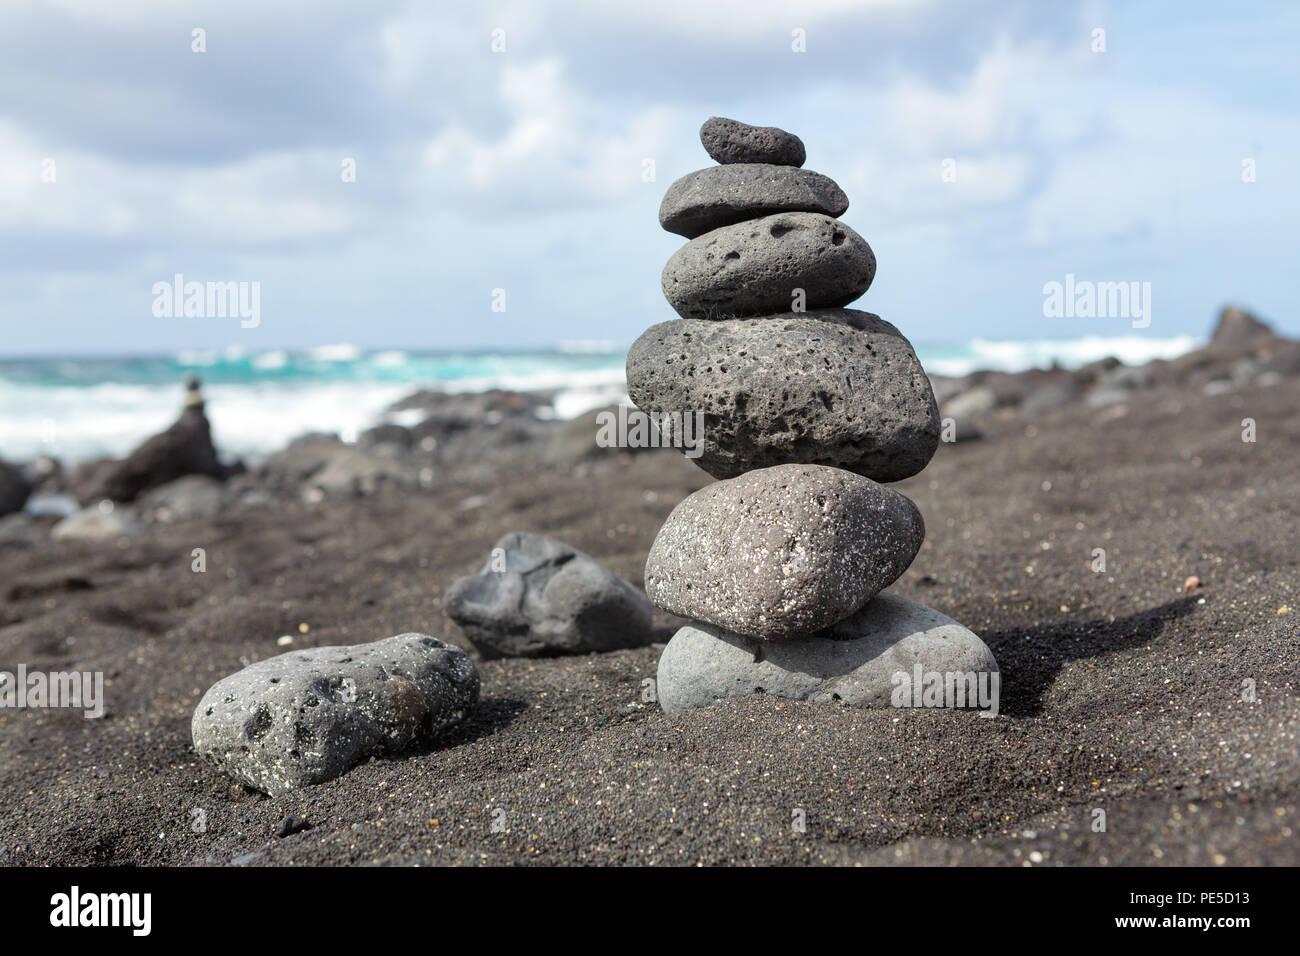 Des pierres empilées équilibré ou des cailloux sur une plage de sable noir. Photo Stock